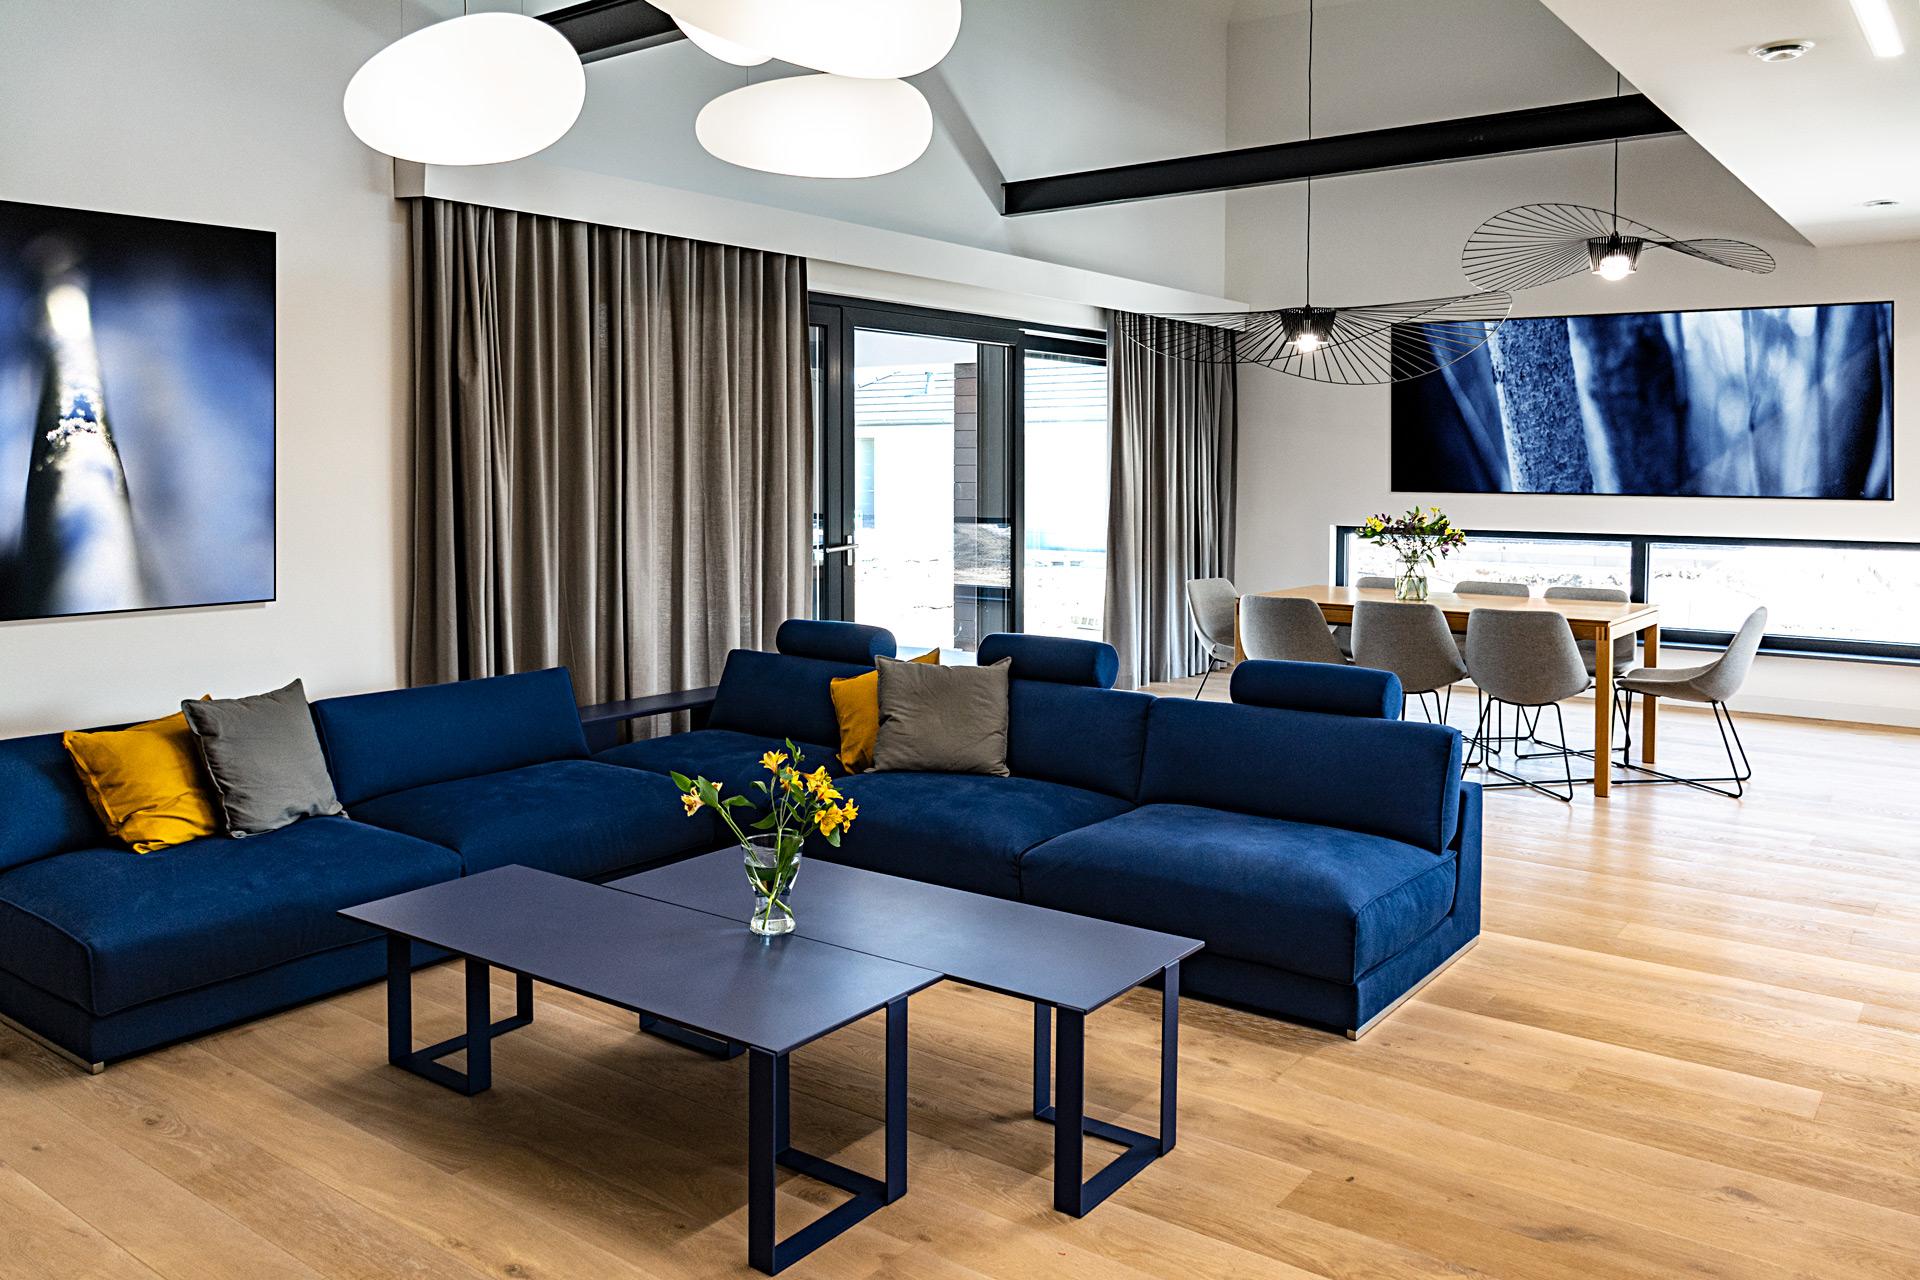 Dużą powierzchnię salonu oświetlają lampy dekoracyjne i oprawy techniczne w suficie pod antresolą.